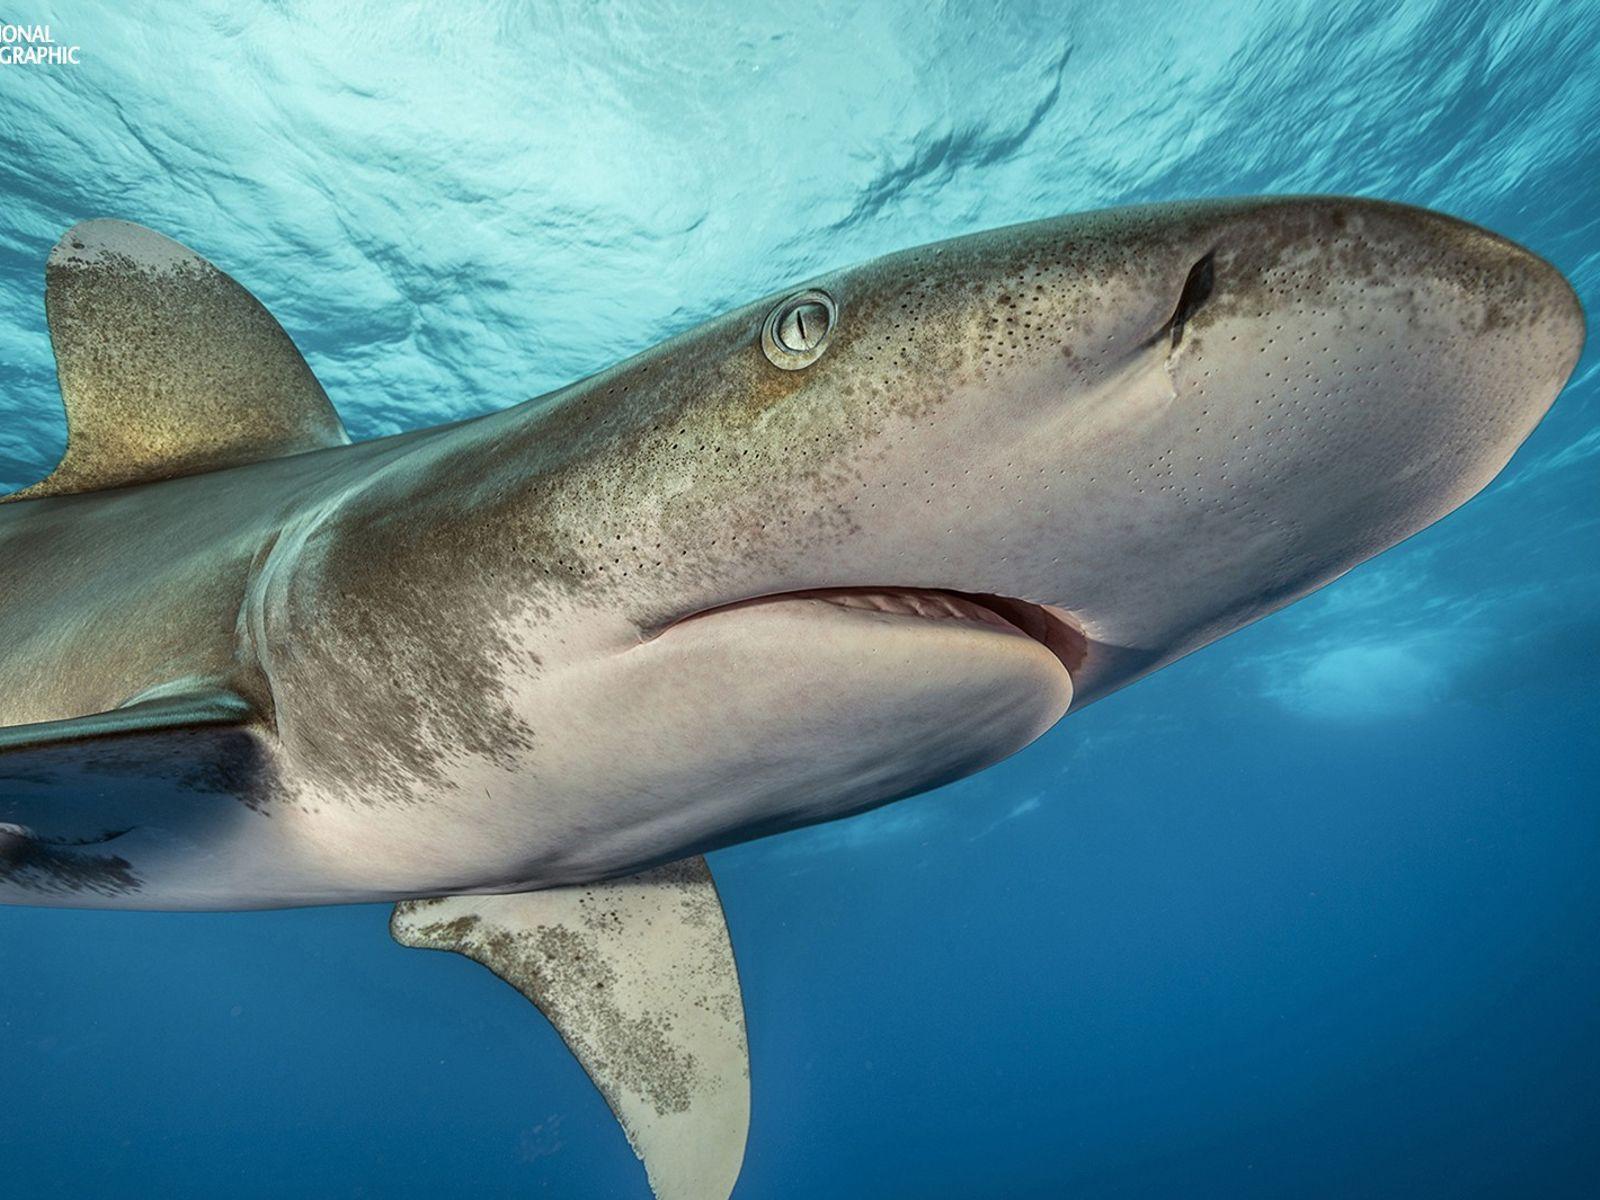 Fotografia de tubarão-de-pontas-brancas